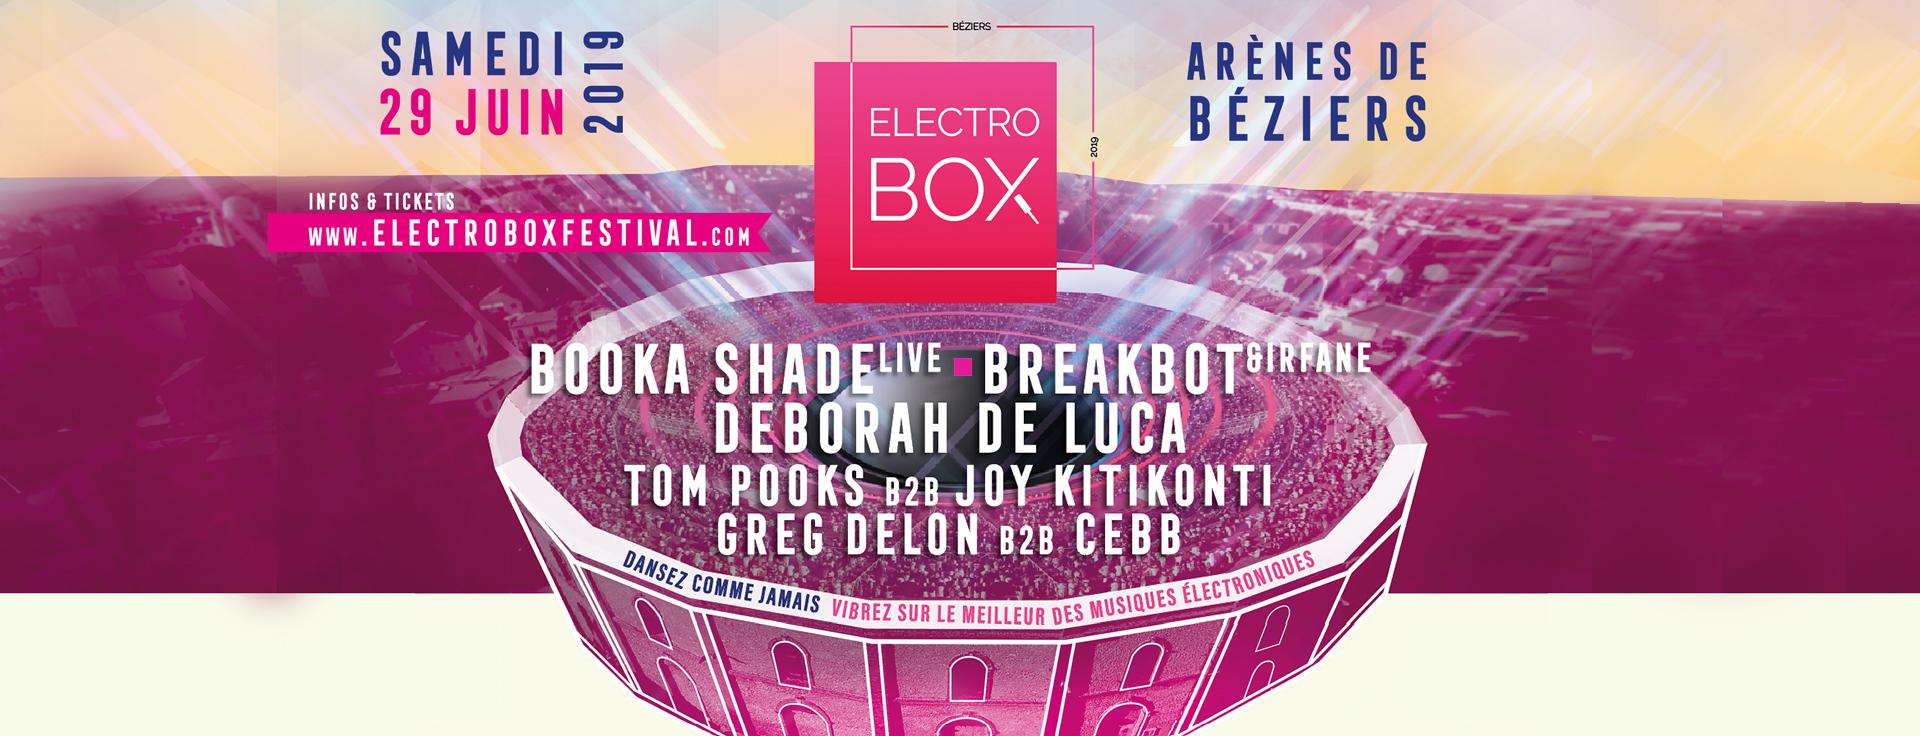 ElectroBox @ Arènes de Béziers w/ Booka Shade, Deborah de Luca, Breakbot...